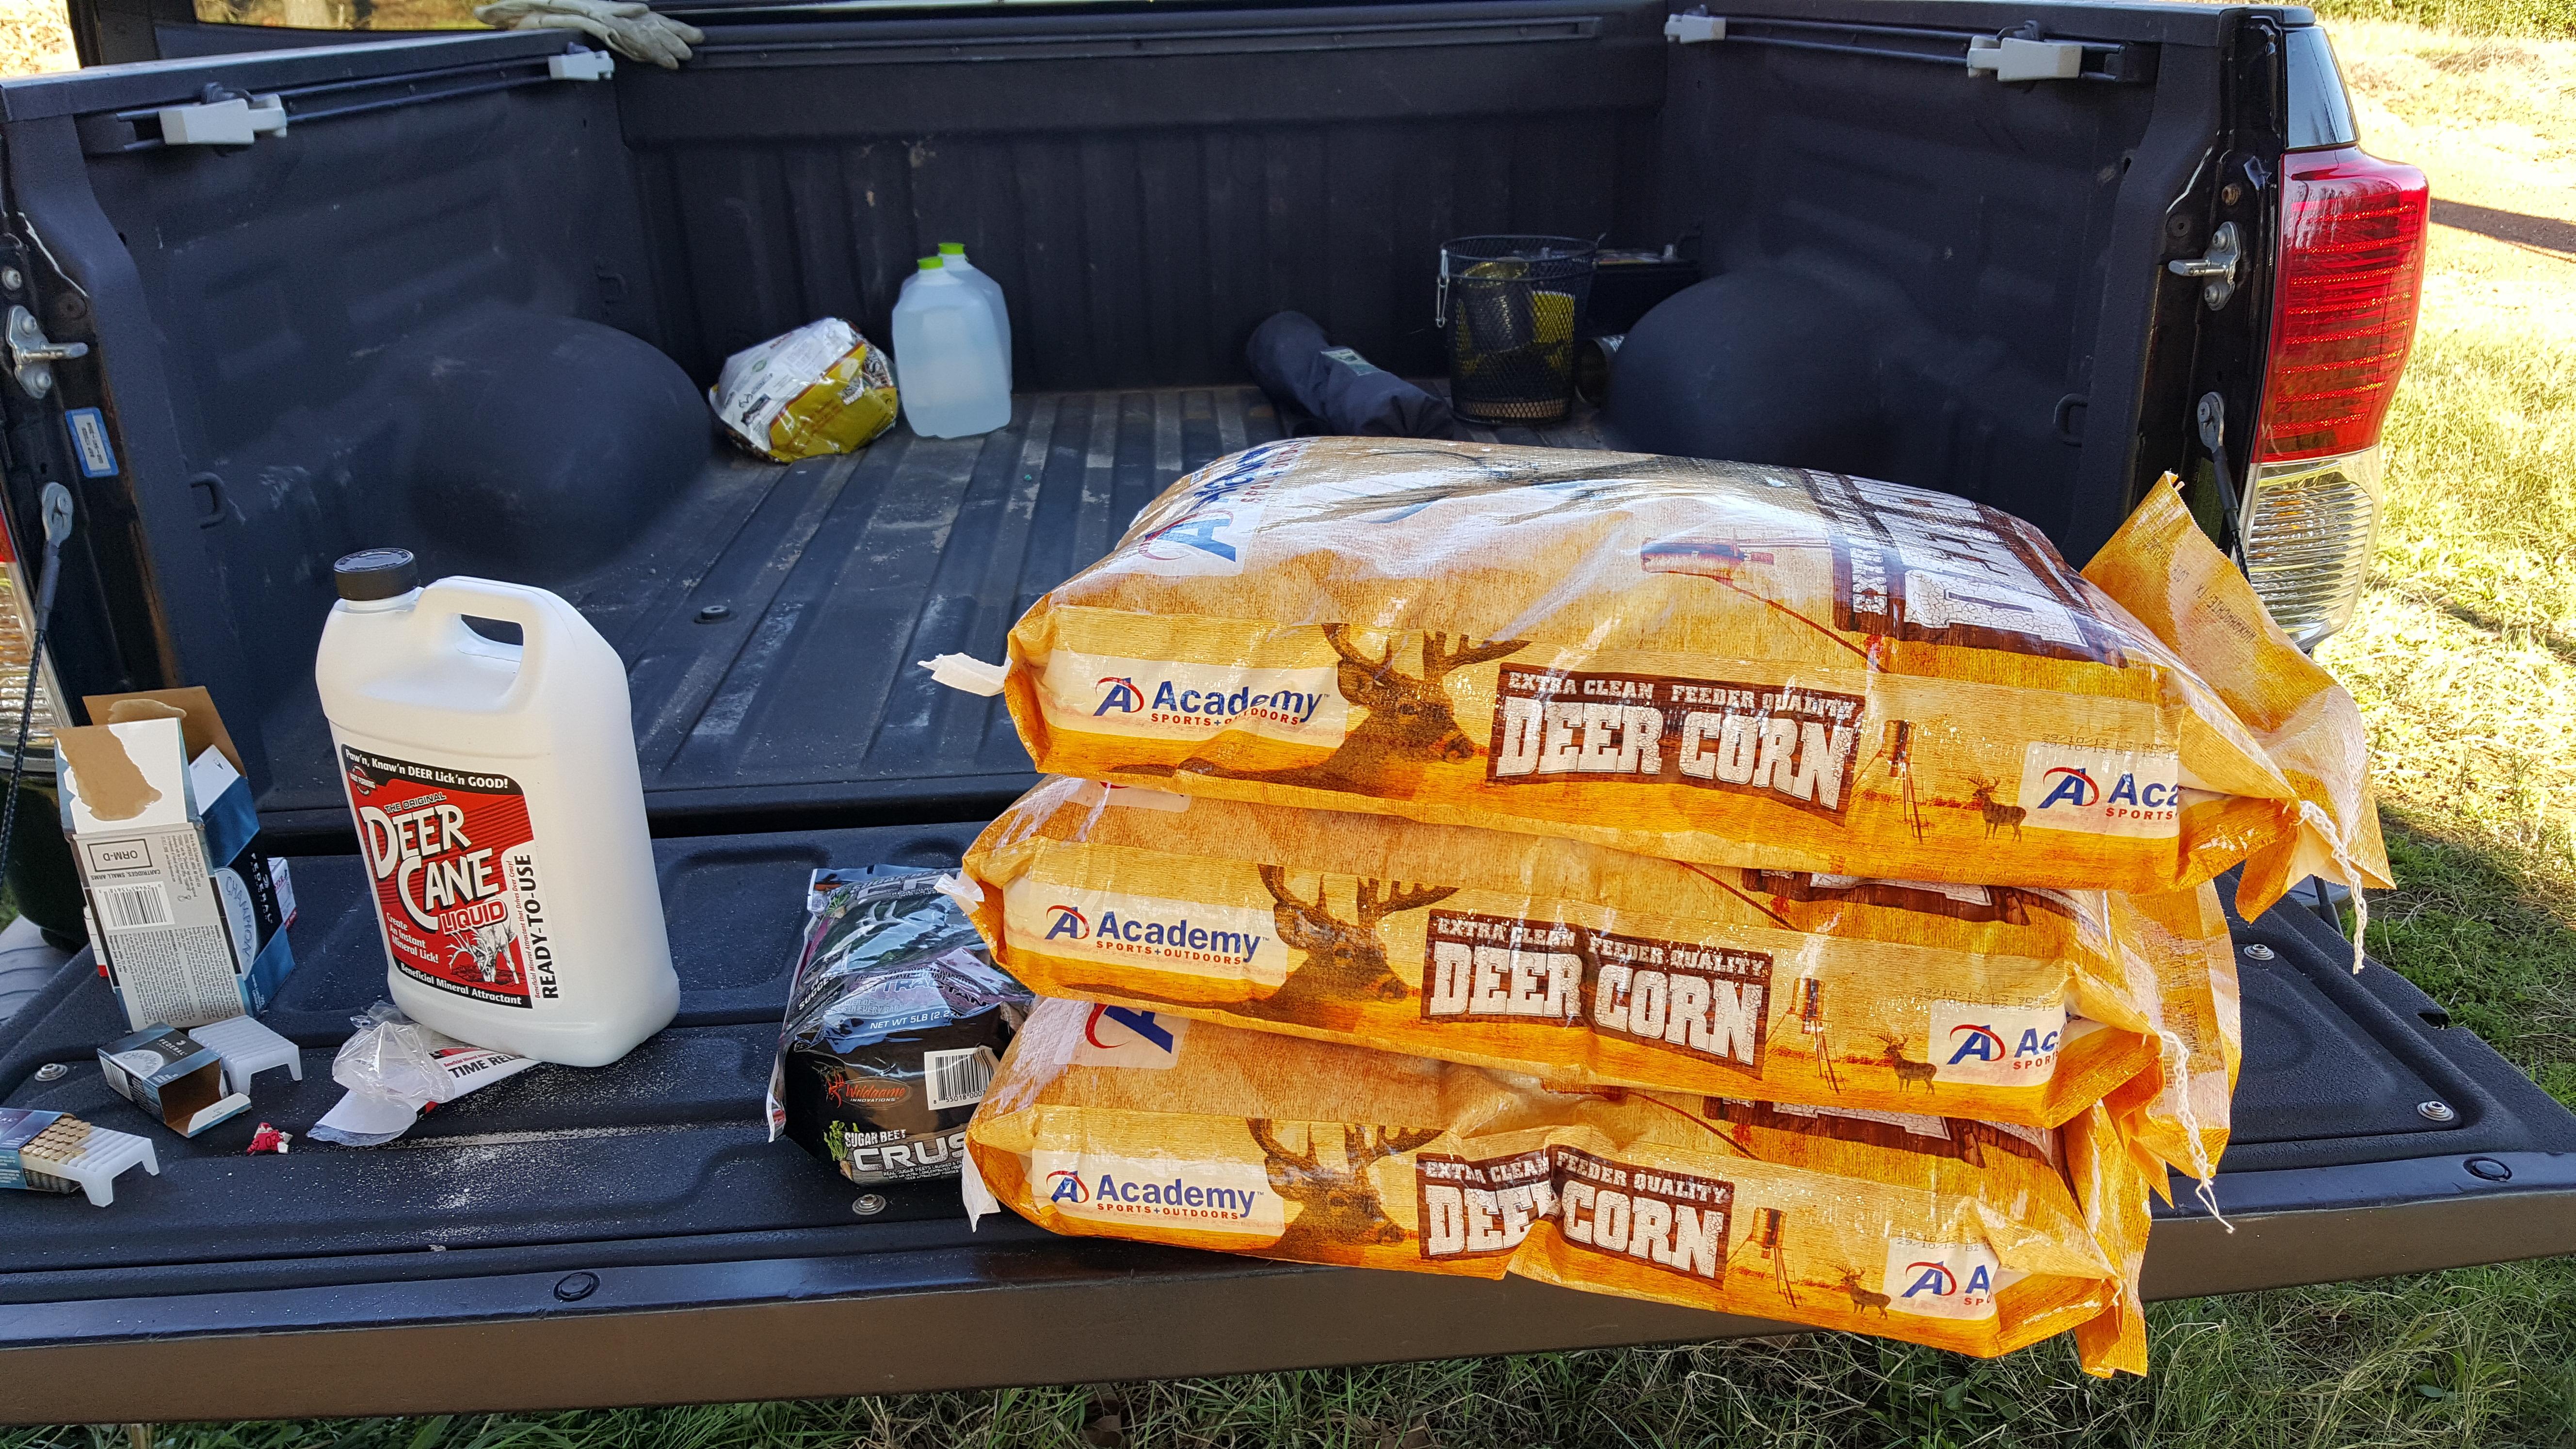 Academy Deer Corn – A Little Ranch in Texas